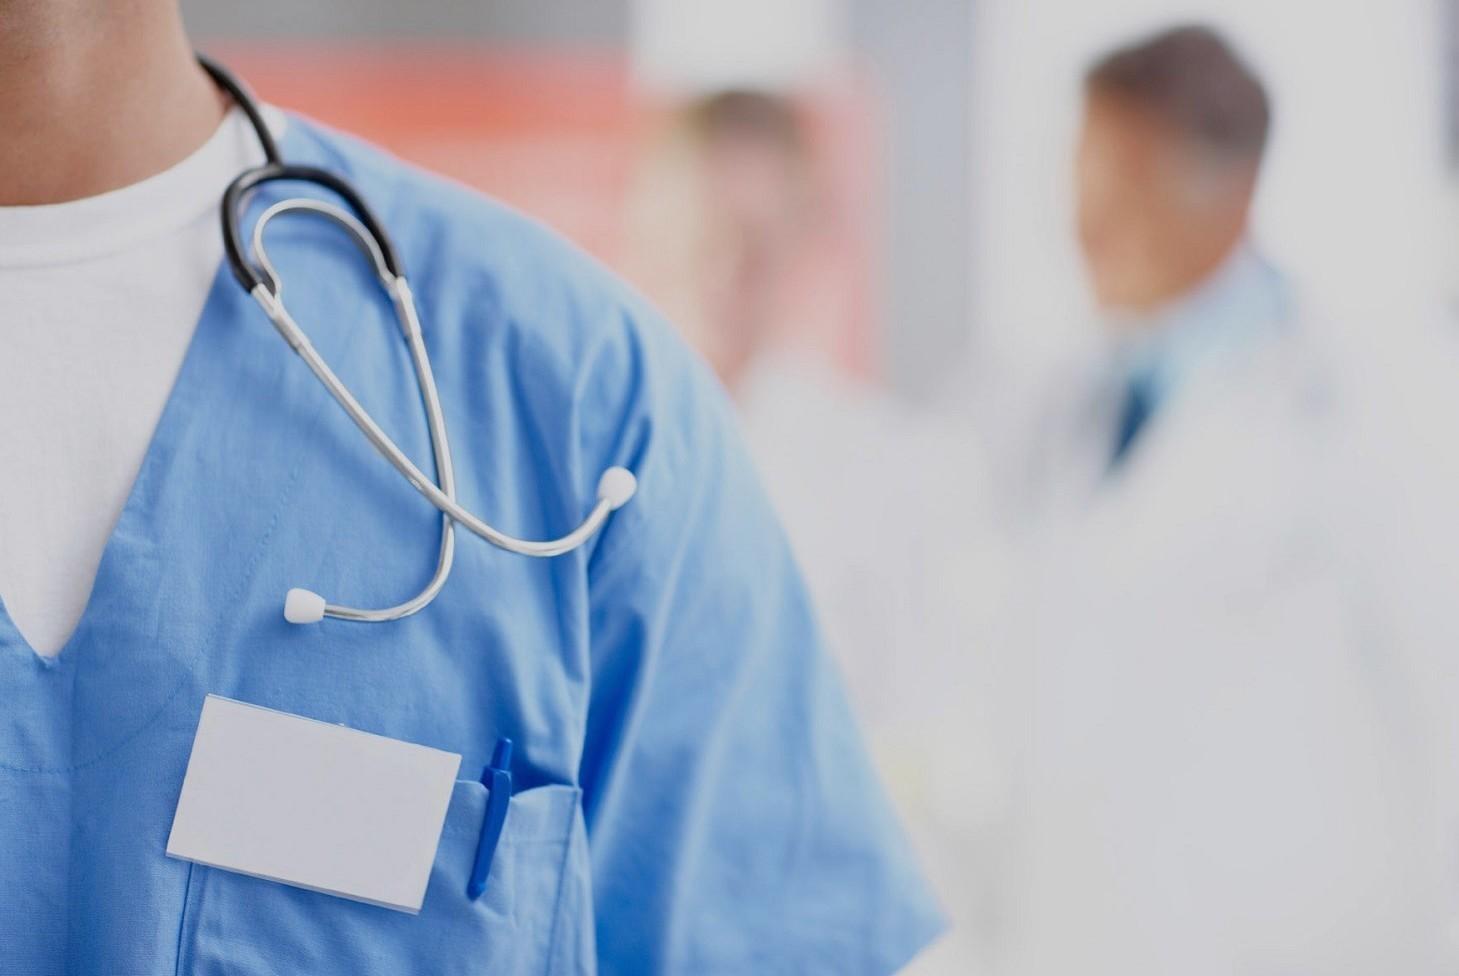 Contratto infermieri ospedalieri 2019-2020 orari, reperibilità, turni e riposo, lavoro di notte